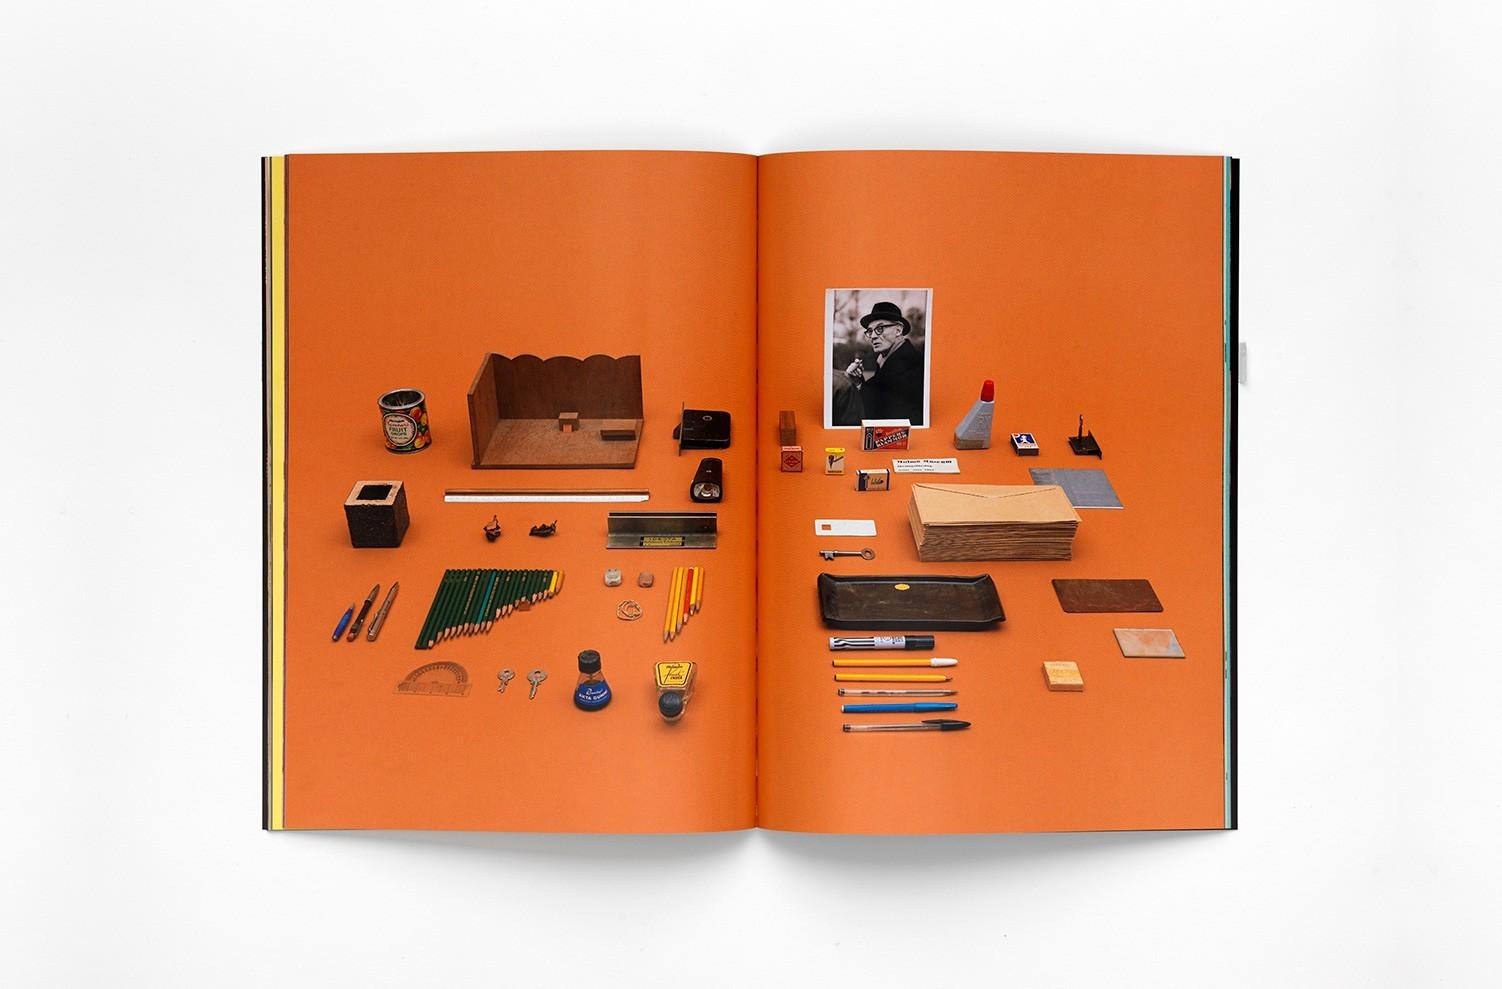 ritator_the_swedish_museum_of_architecture_magazine_17